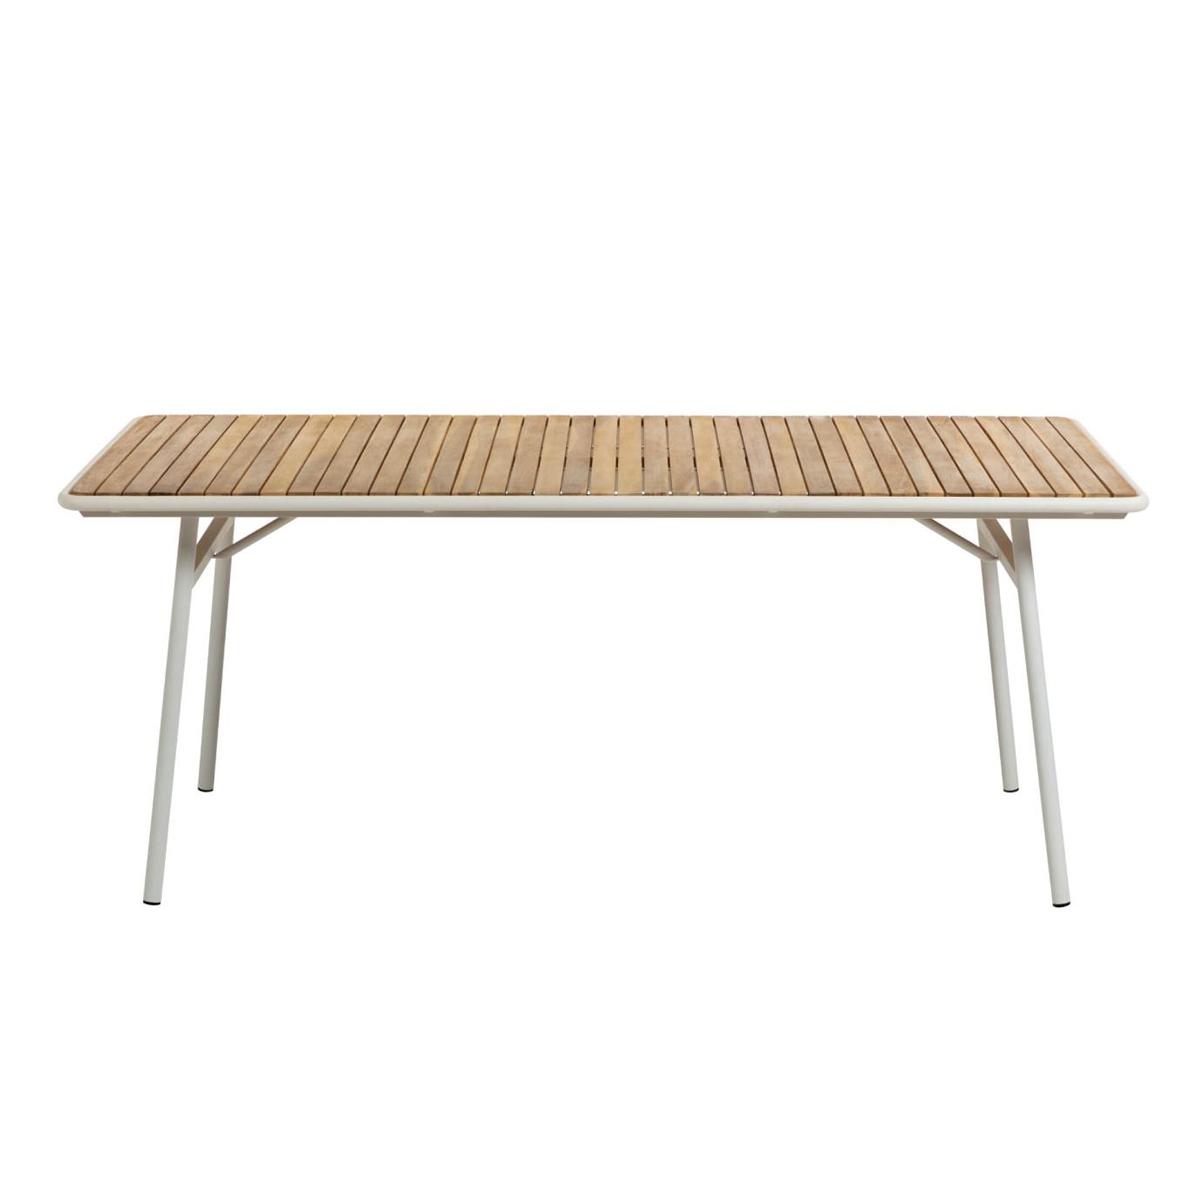 Table en acacia et acier blanc - Blanc / Bois - H 76 x 160 cm